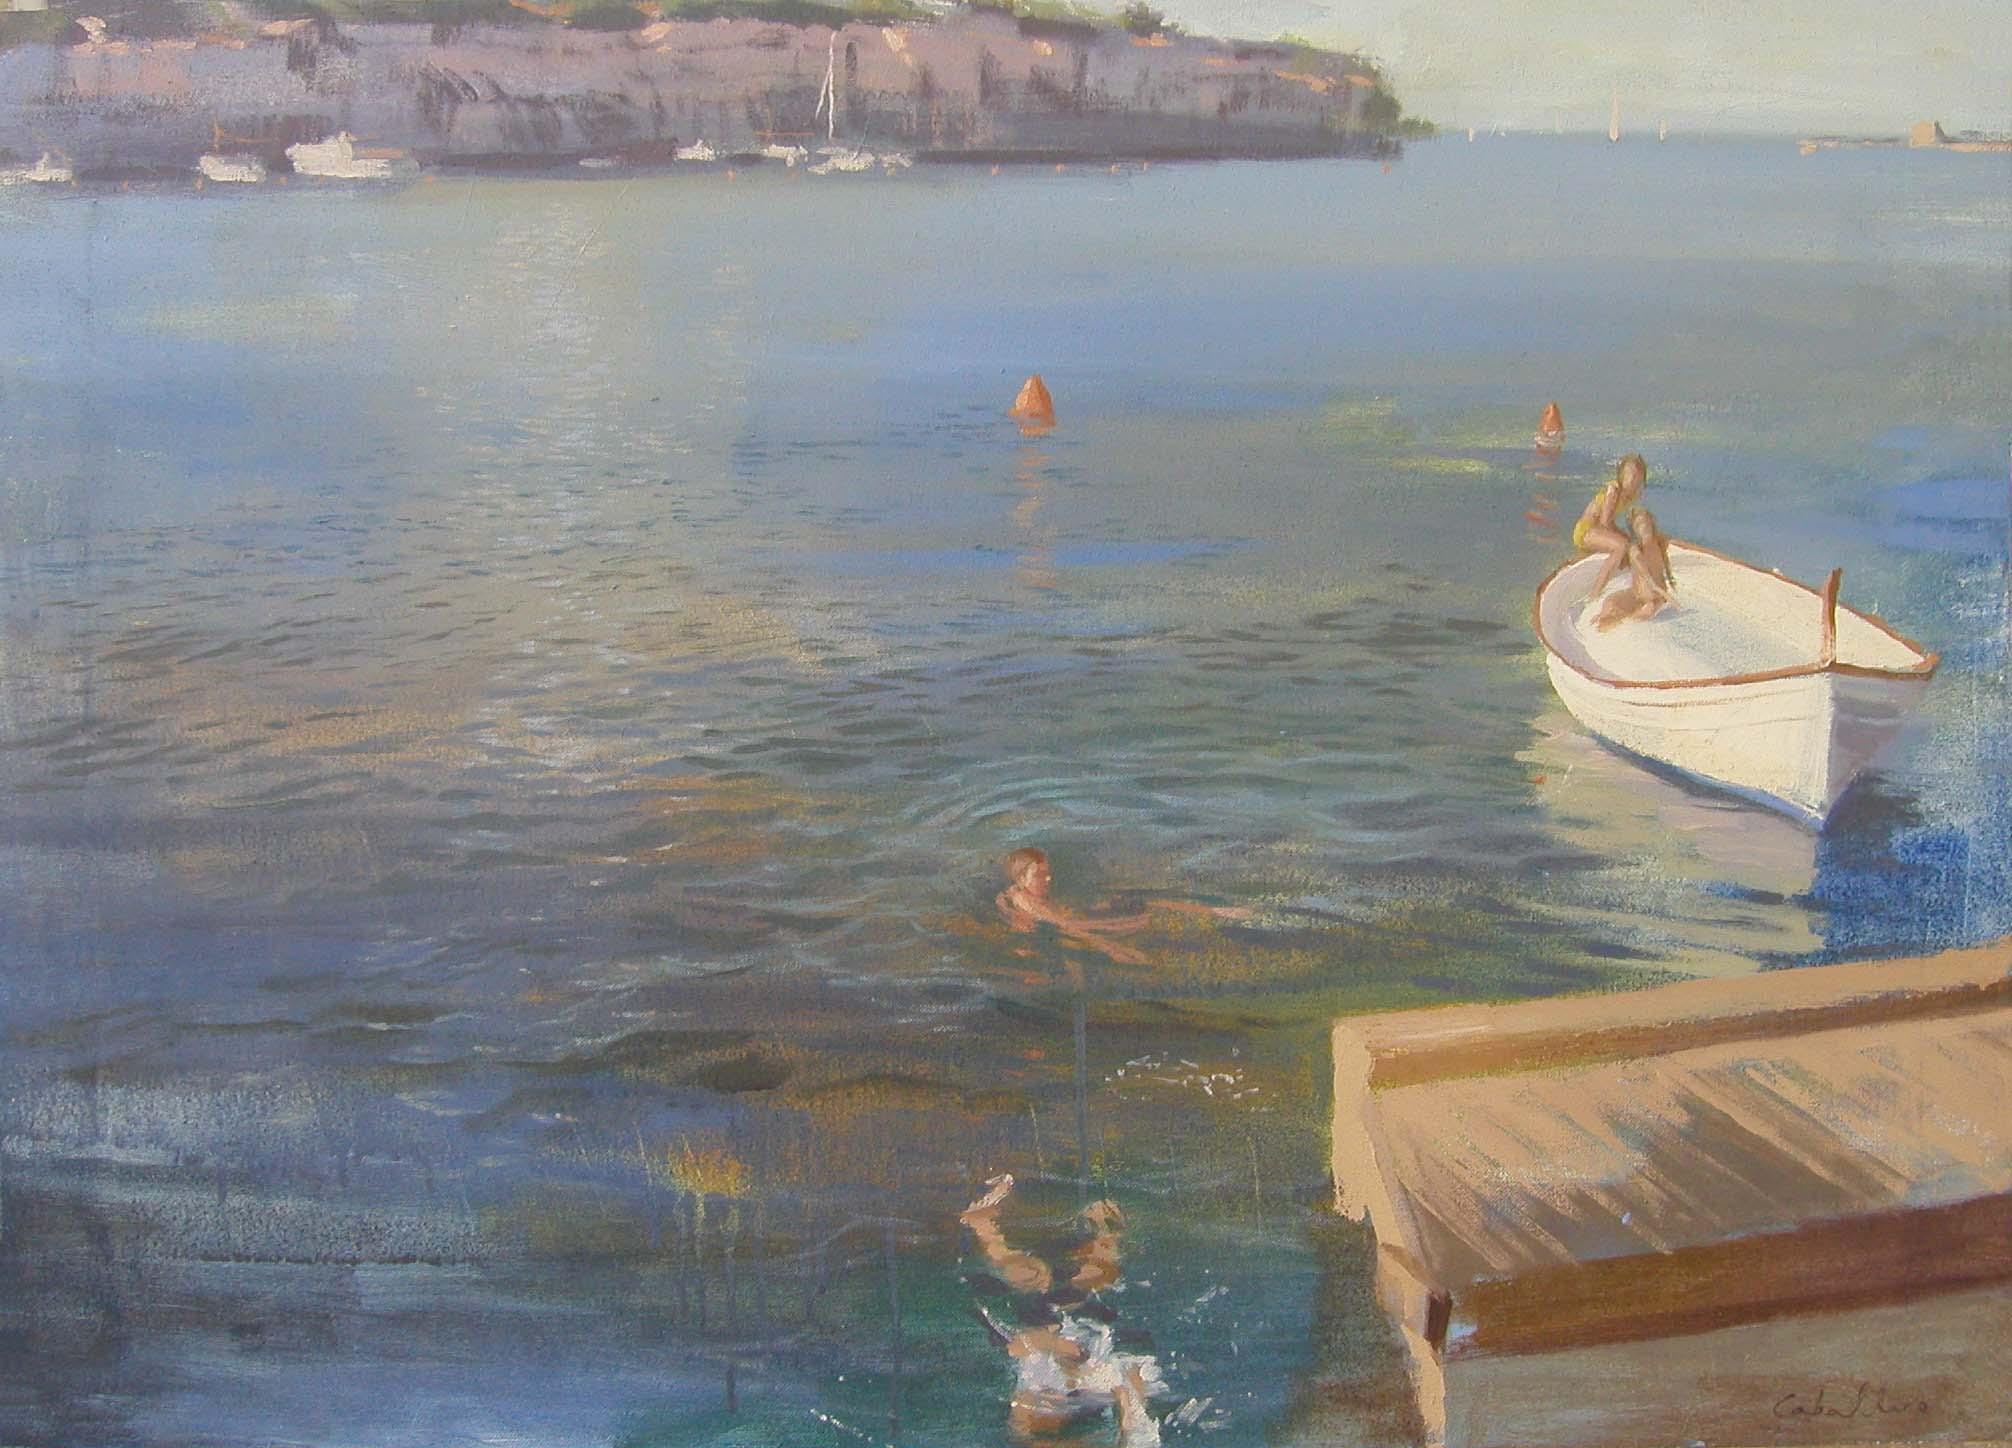 vacaciones-verano-mar-paisaje-menorca-barca-alejandra-caballero